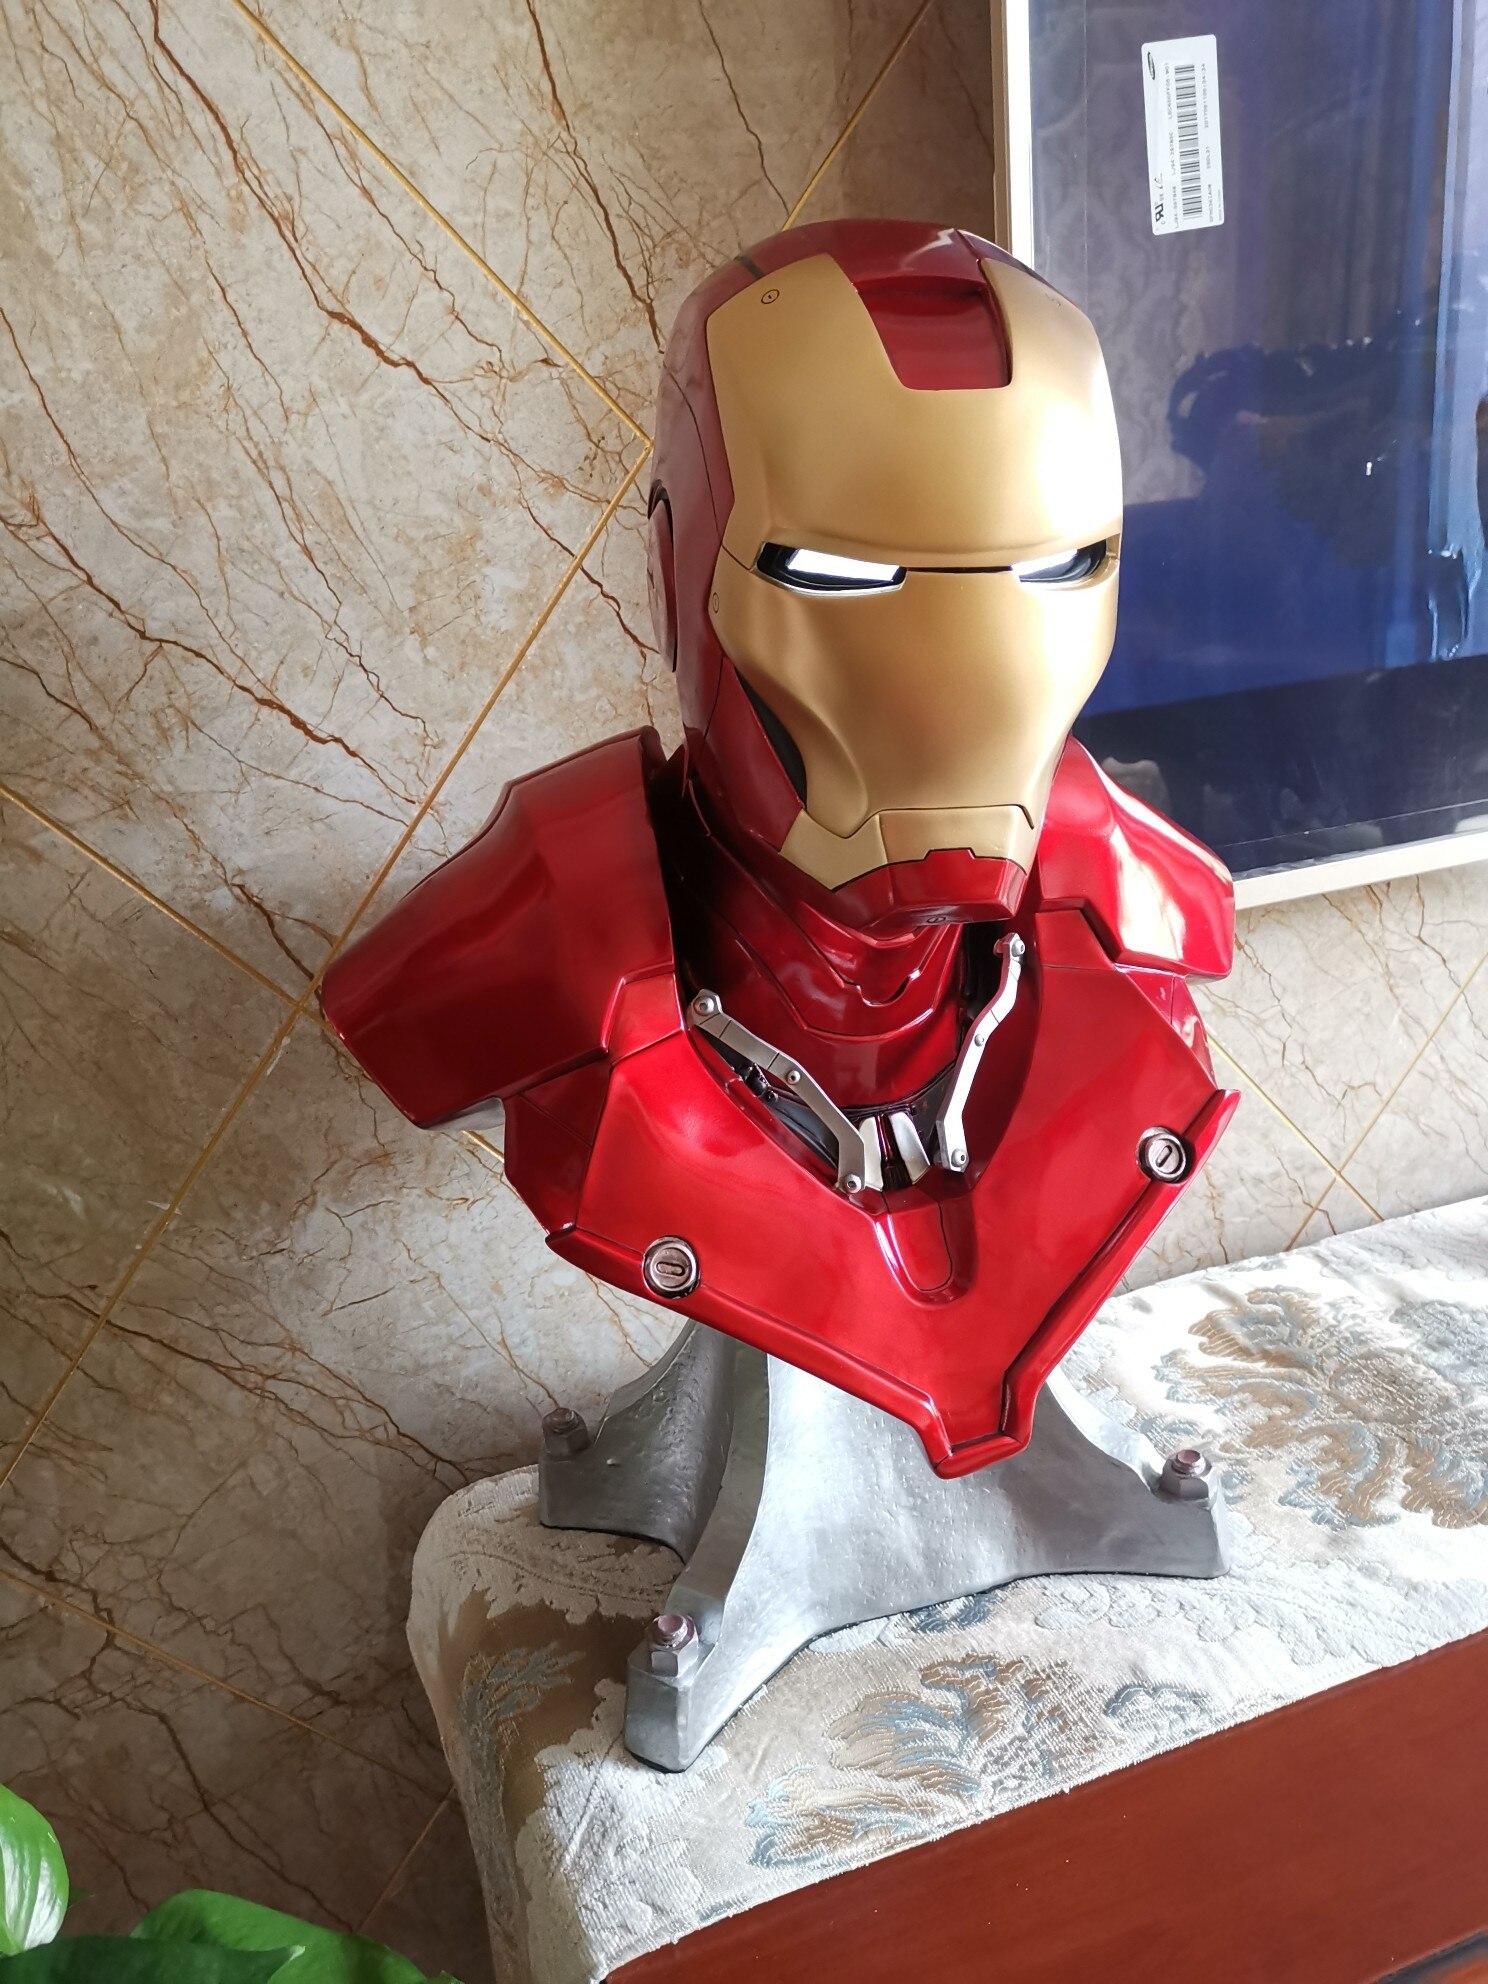 Бюст Железный Человек Марвел МК3 Светодиодный - h0b2298bb7d3a4505b7d0beb978fd5773h